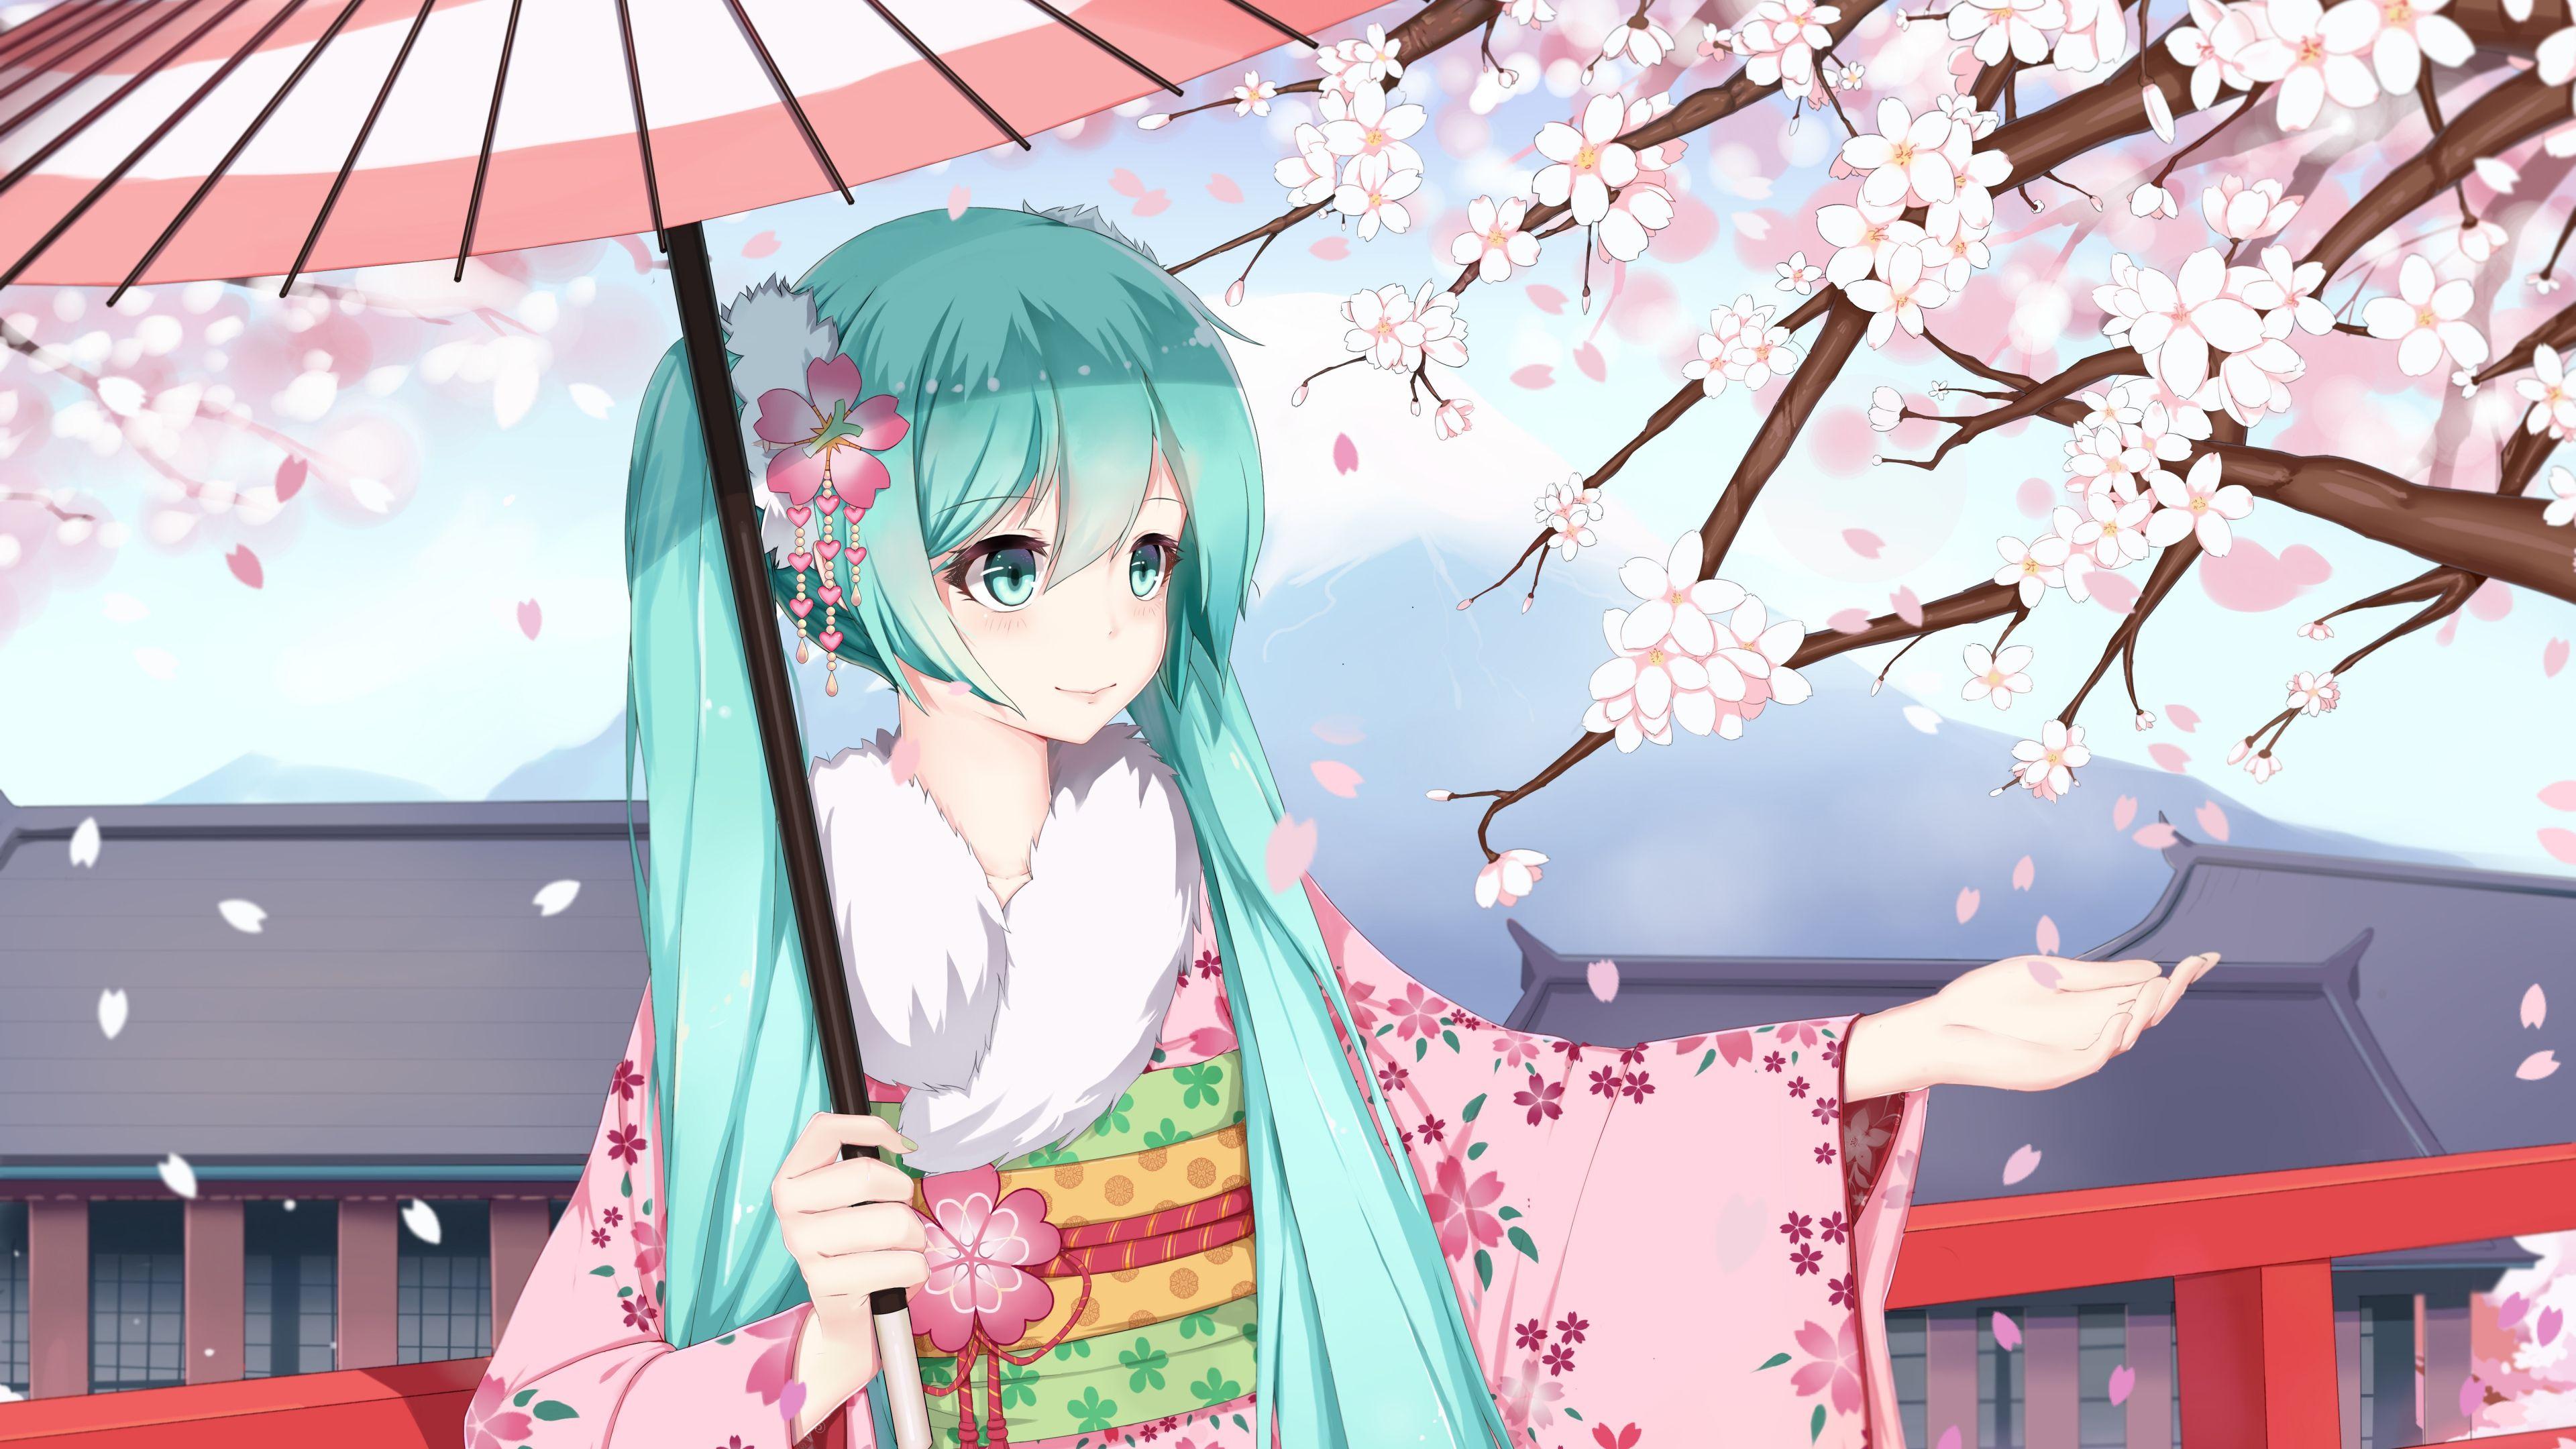 Sugar Sound Vocaloid Hatsune Miku Girl Kimono Sakura